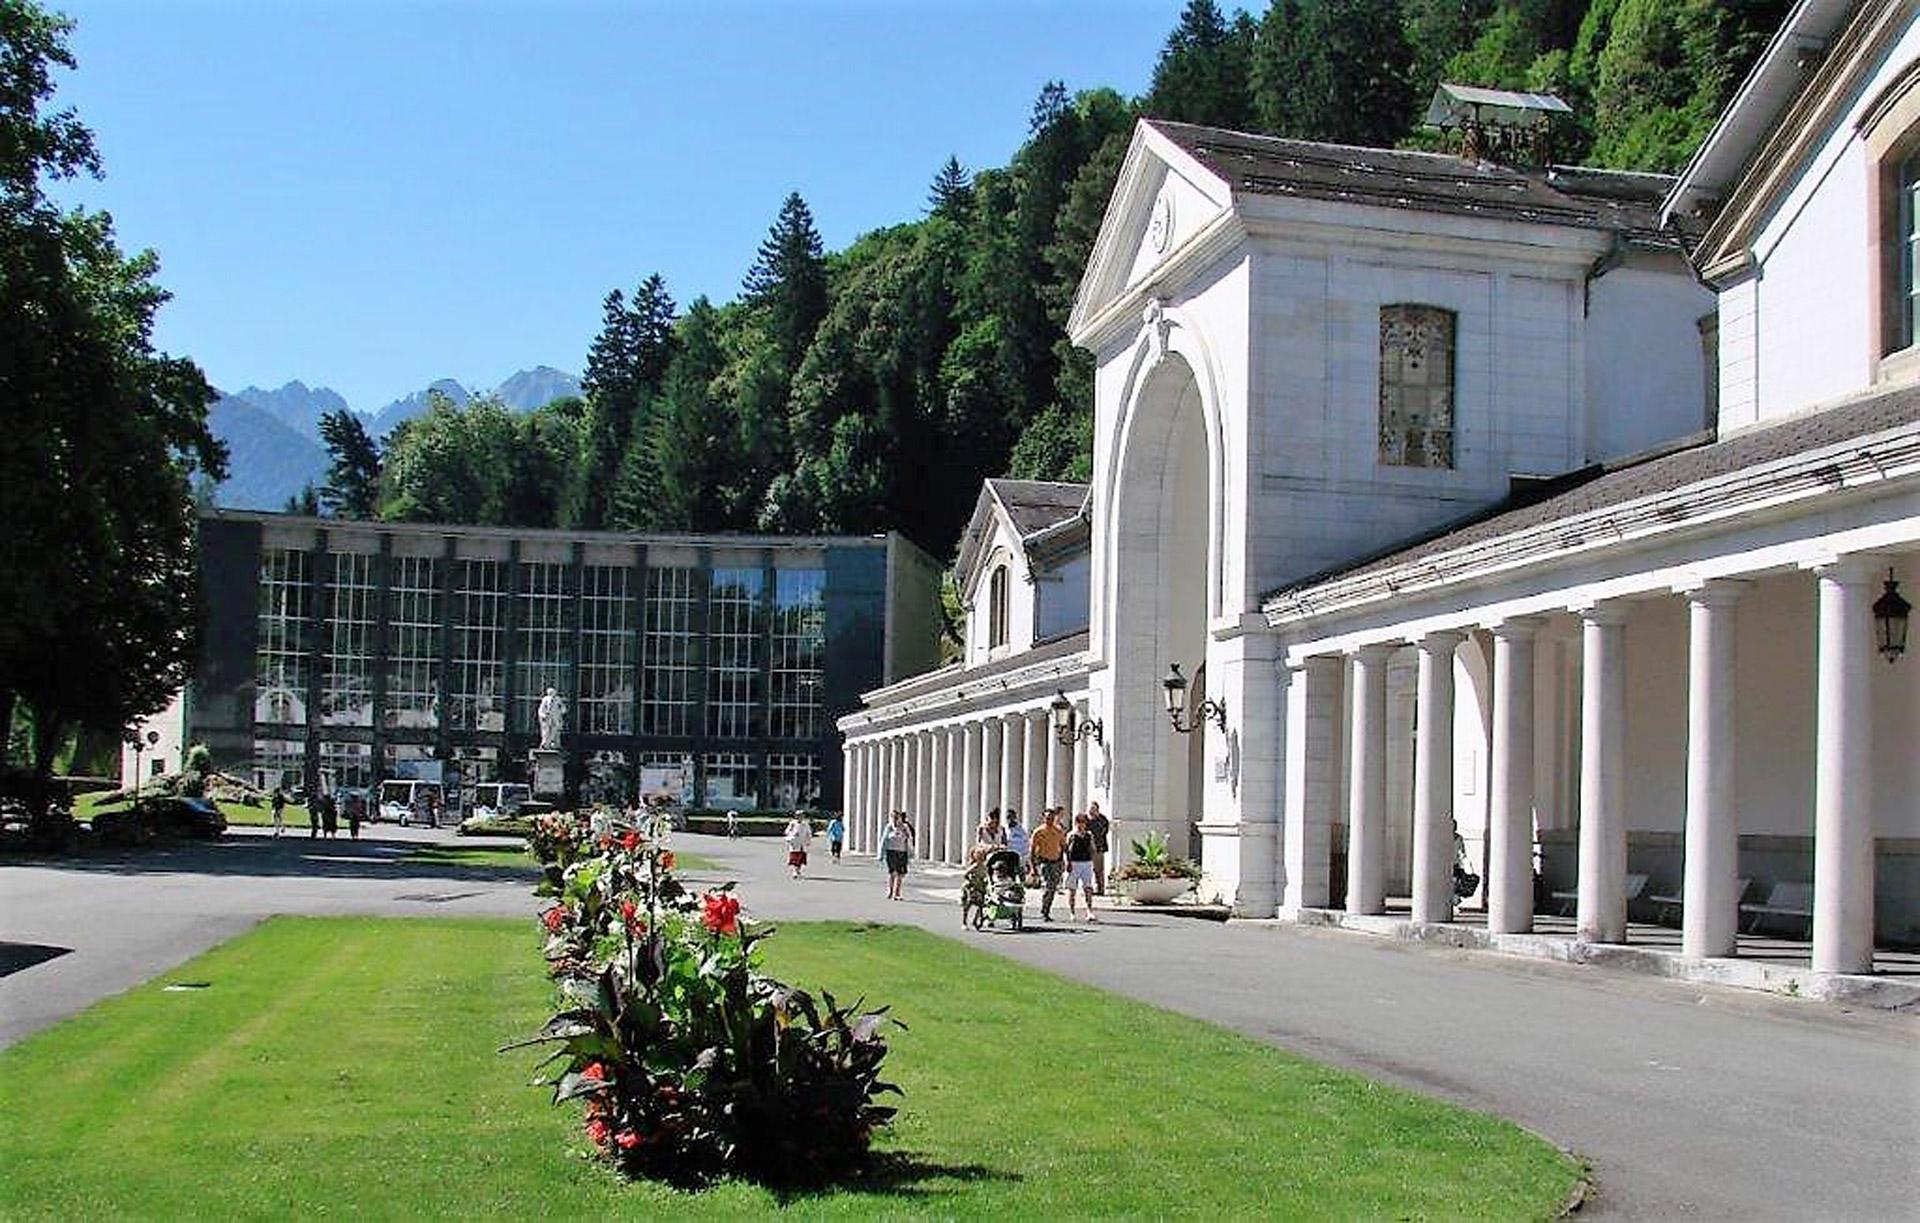 station_thermale_bagnères_de_luchon_entrée_vue_panoramique_établissement_thermal